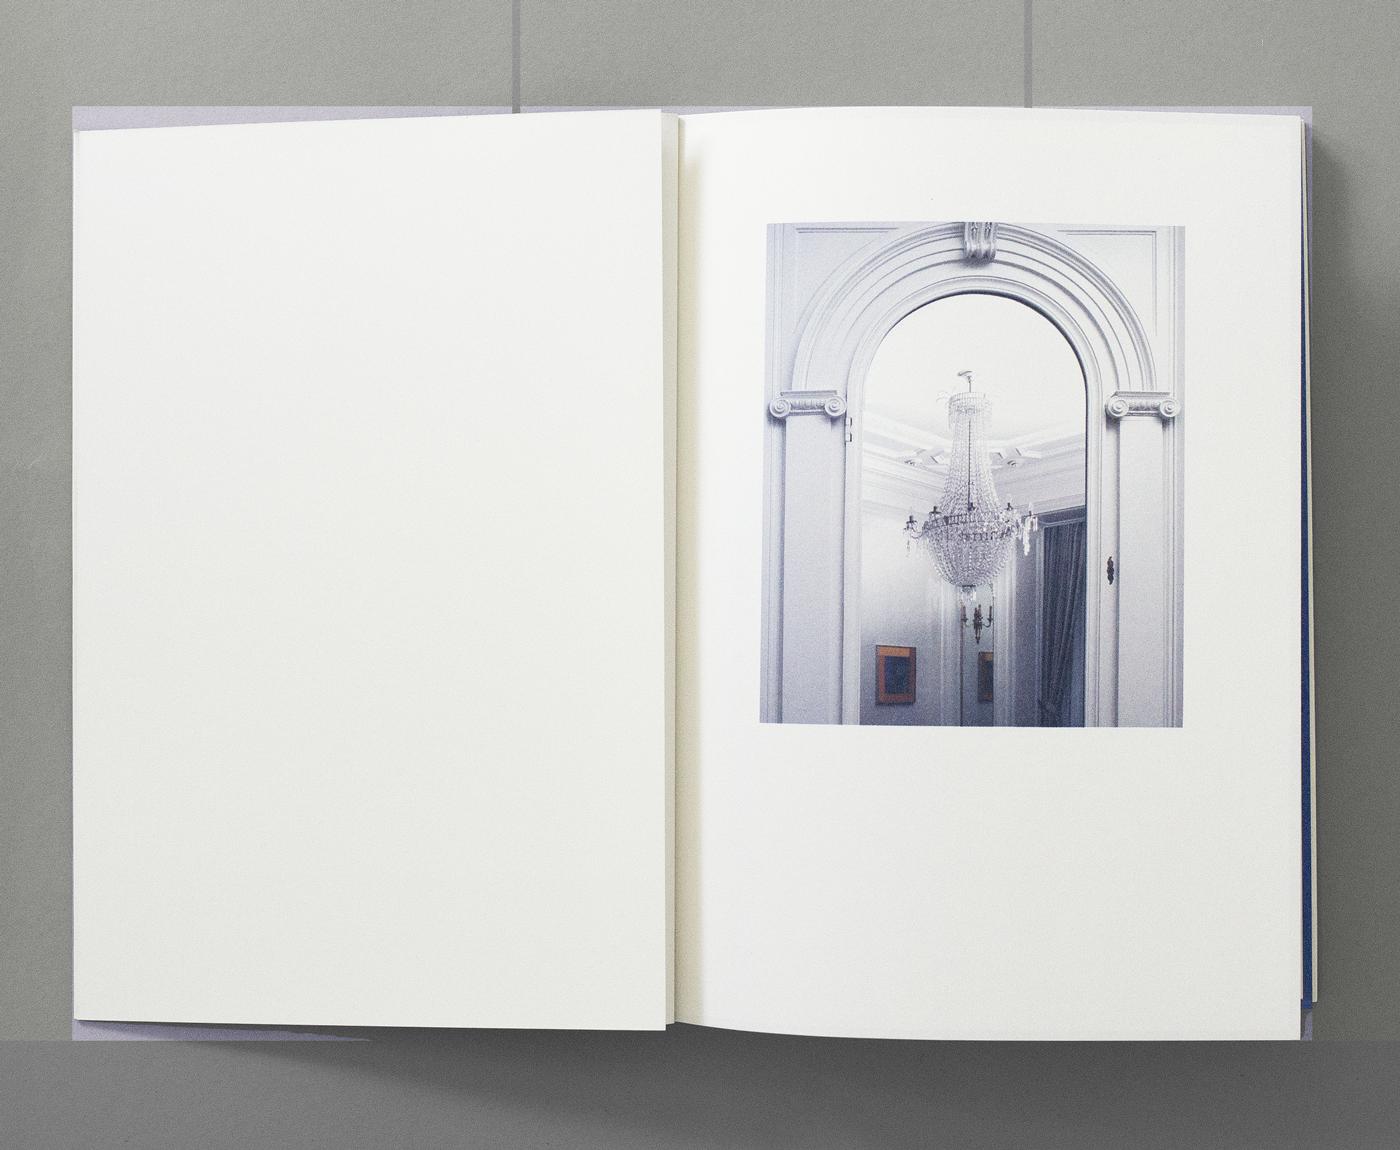 Catalogue accompagnant l'exposition «Naturellement abstrait, l'art contemporain suisse dans la collection Julius Baer» au Centre d'art contemporain, Genève. En tant que Schönherwehrs.